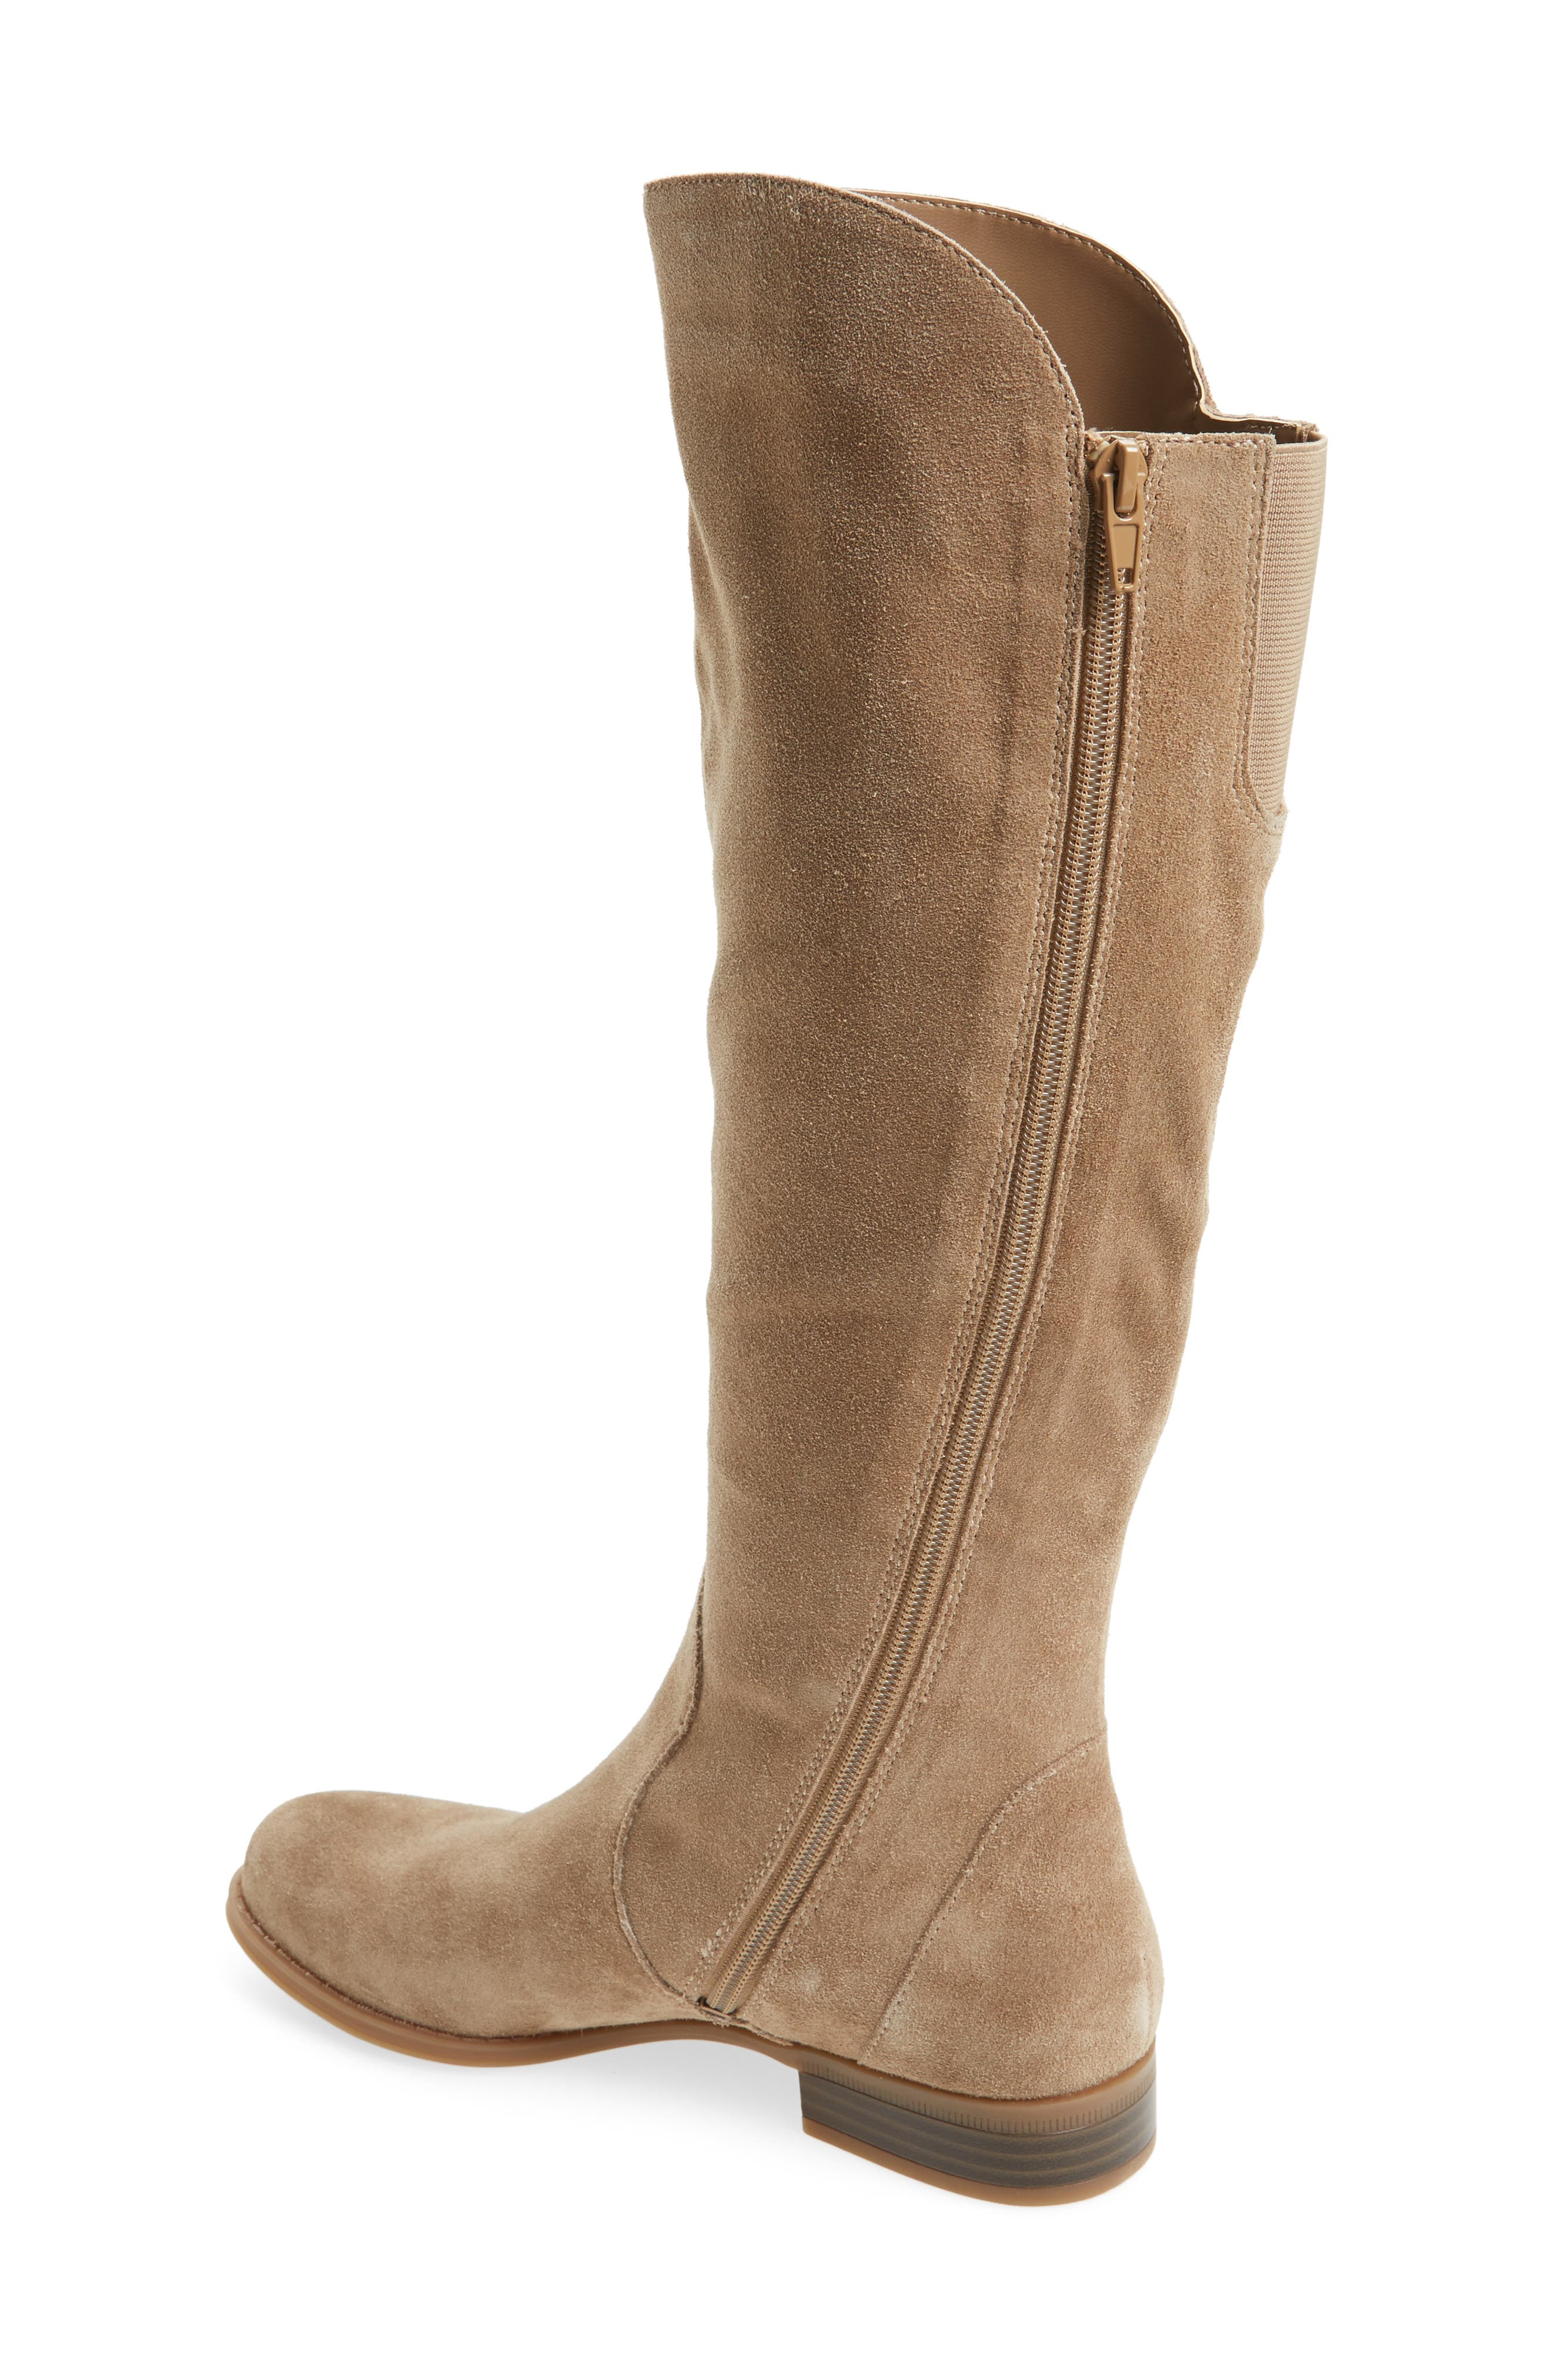 Alternate Image 2  - Naturalizer Jinnie Tall Boot (Women) (Regular & Wide Calf)